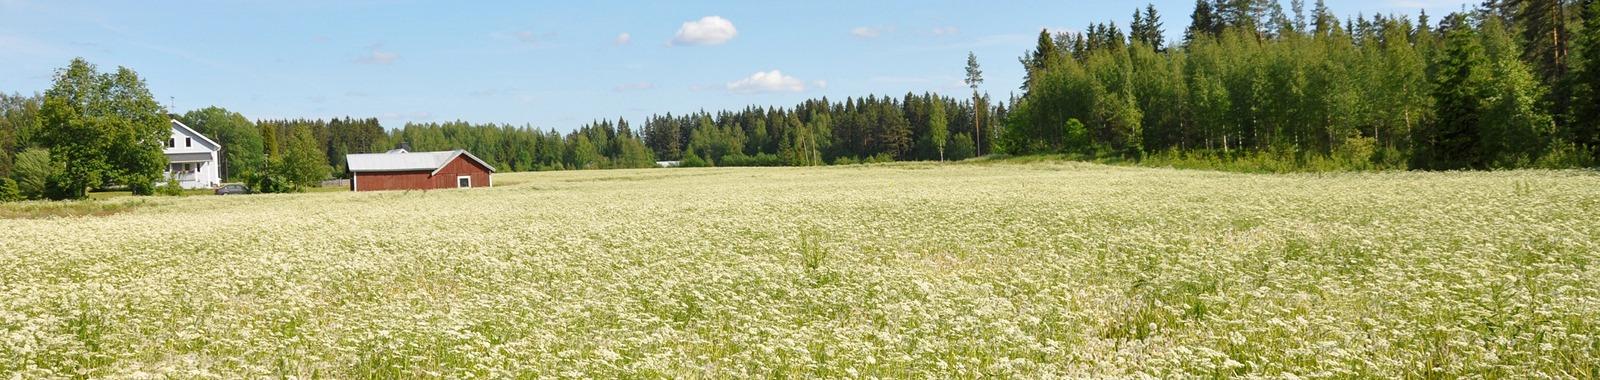 Kuminan viljely